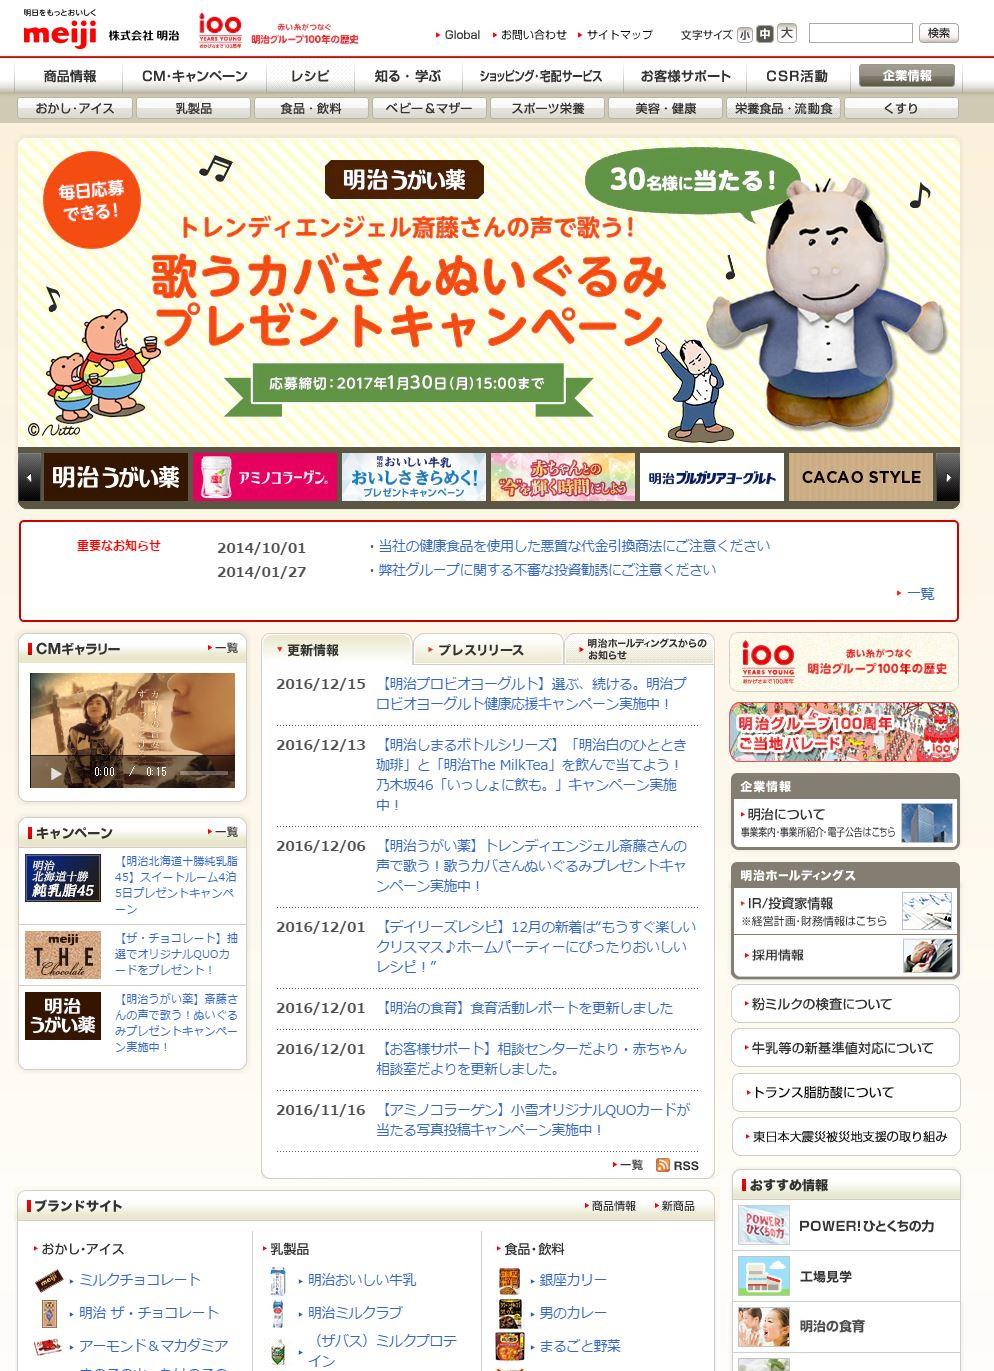 http://www.meiji.co.jp/